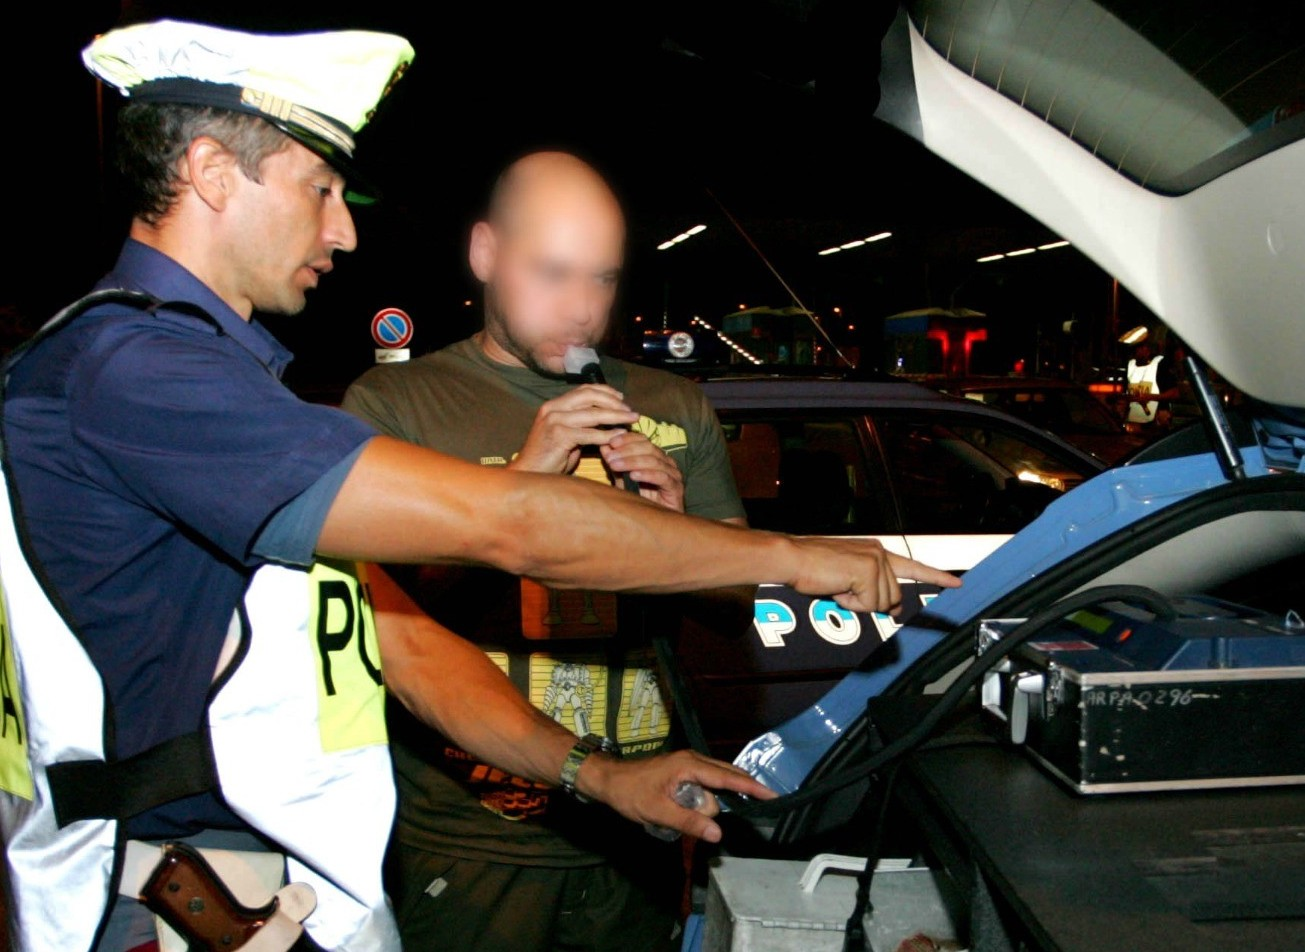 Etilometro, diritti guidatore fermato e